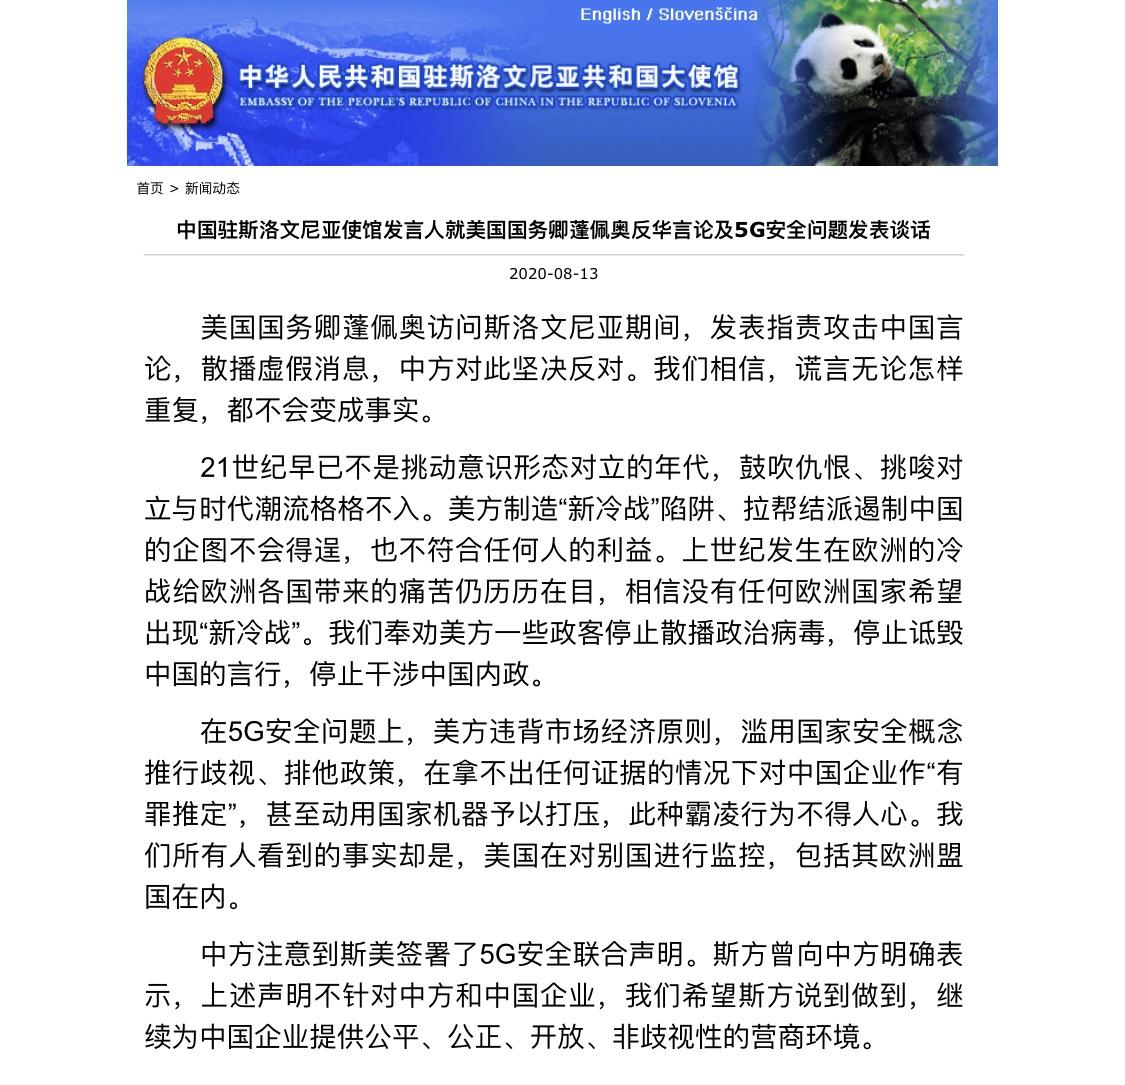 【草莓直播网站优化培训】_蓬佩奥在斯洛文尼亚发表诋毁中国的言论,中使馆回应